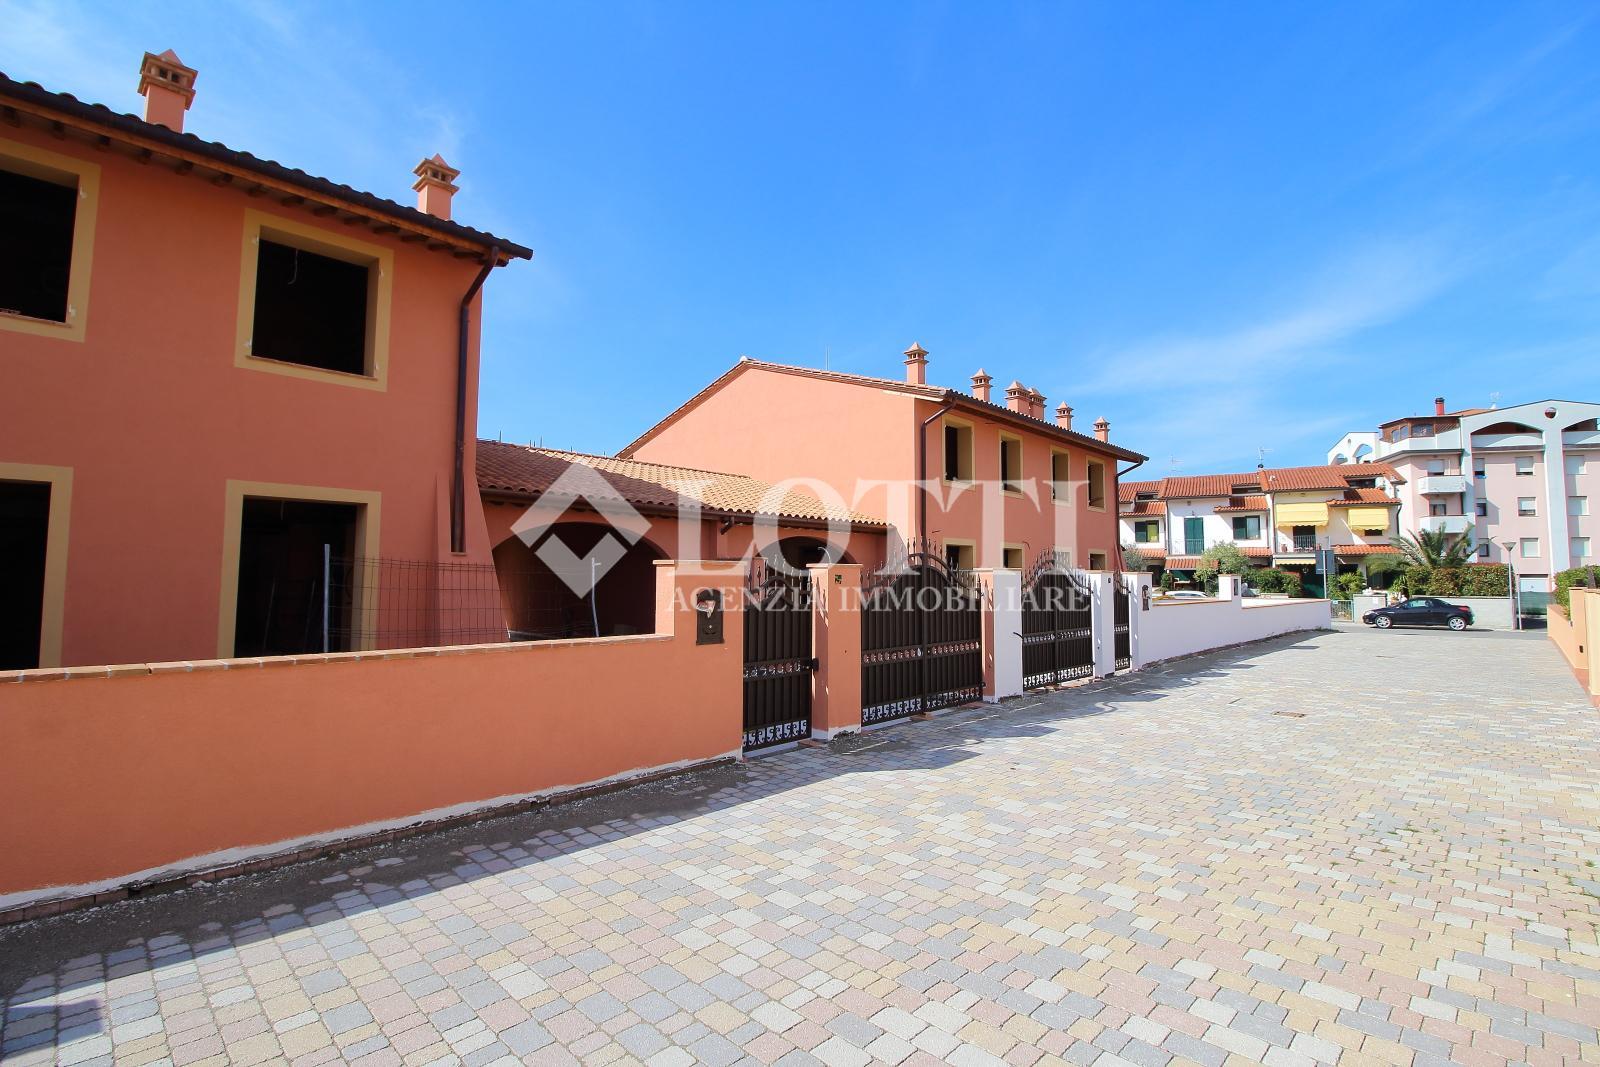 Appartamento in vendita, rif. 62-C